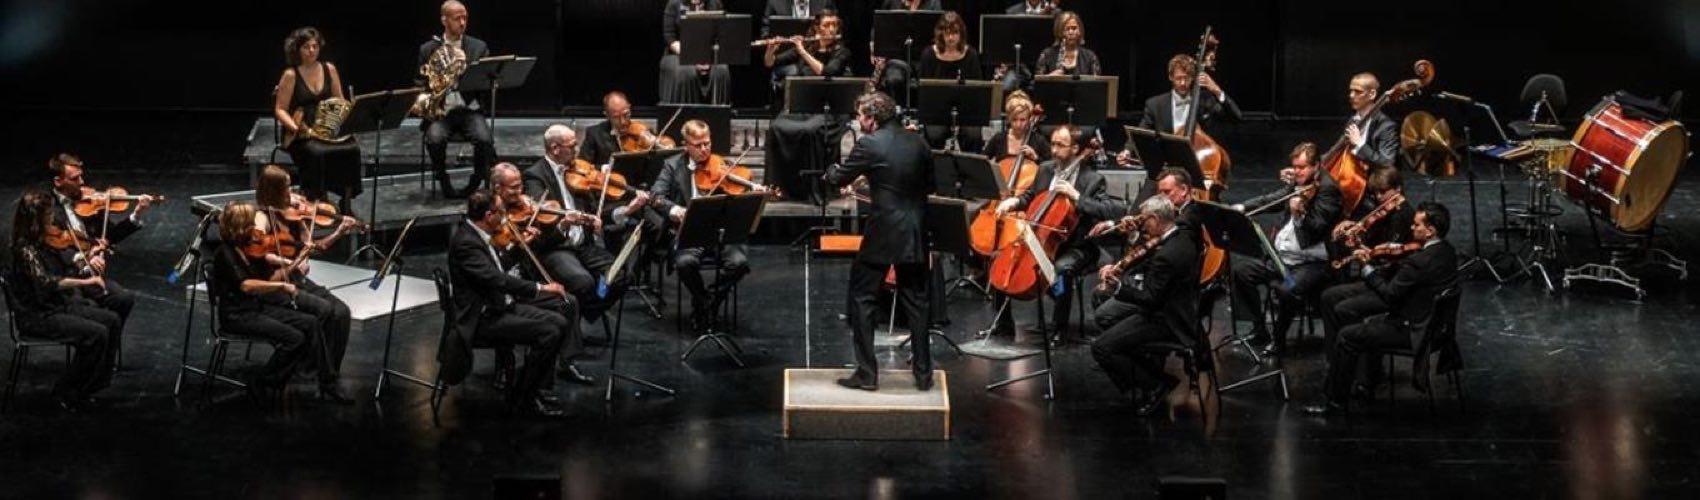 Spiller igjen: Orkestret ved Wermland Opera i Karlstad